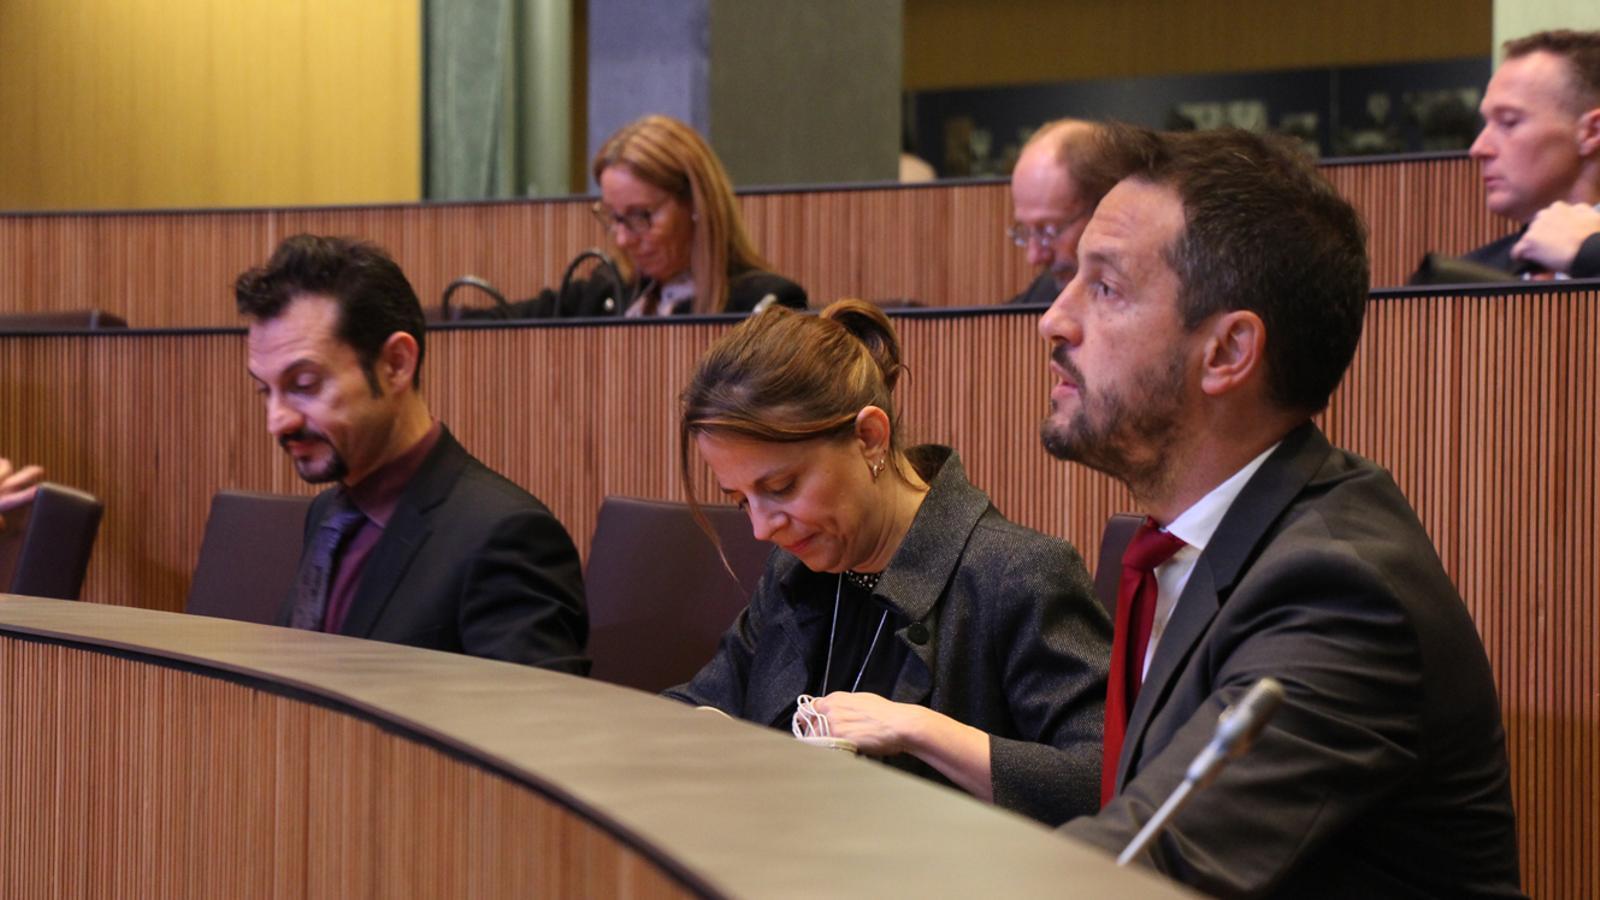 El consellers generals del PS encapçalats per Pere López durant la sessió de control al Govern d'aquest dijous. / M. M. (ANA)